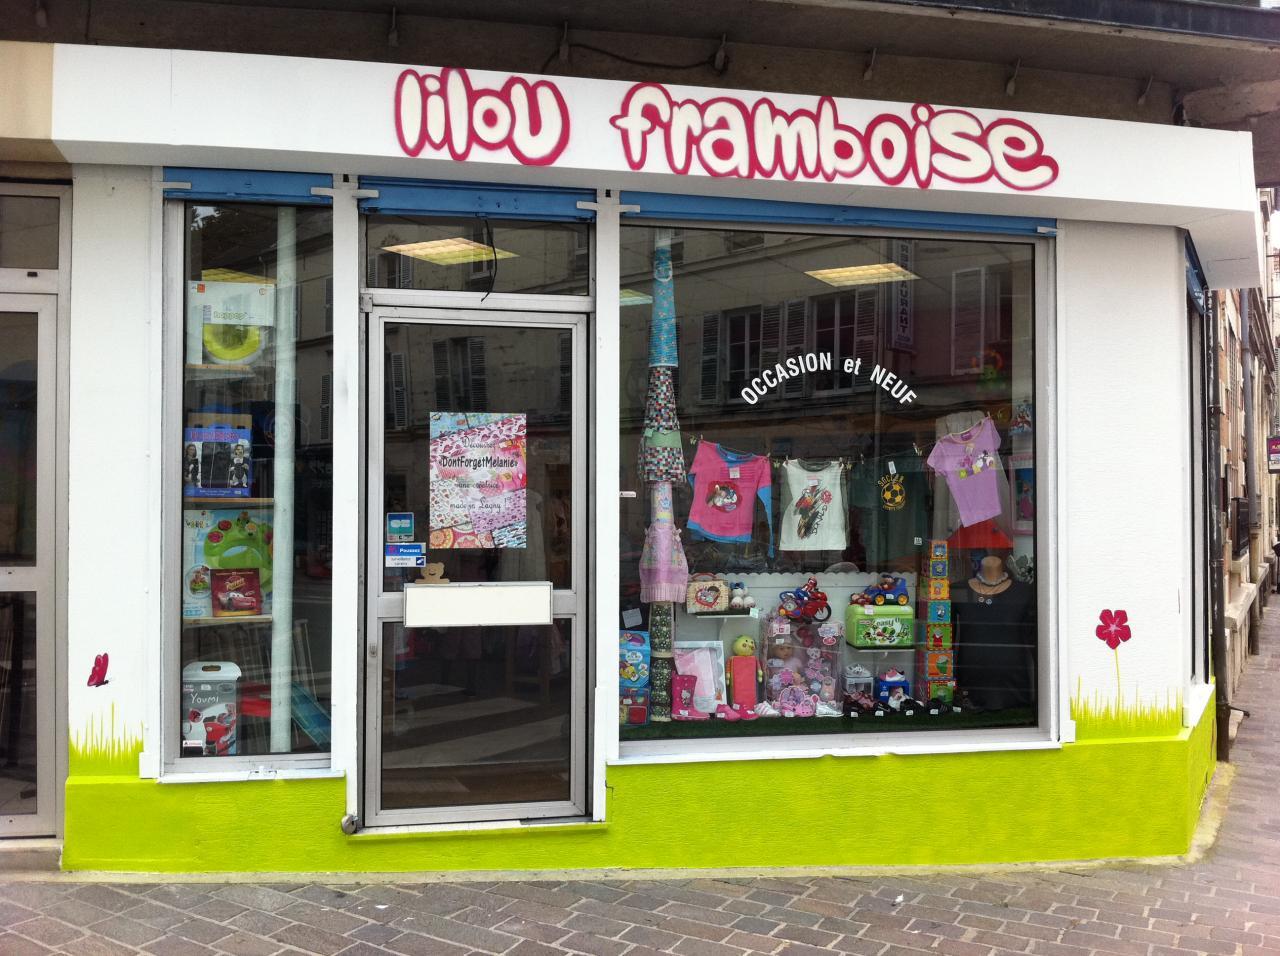 Lilou Framboise